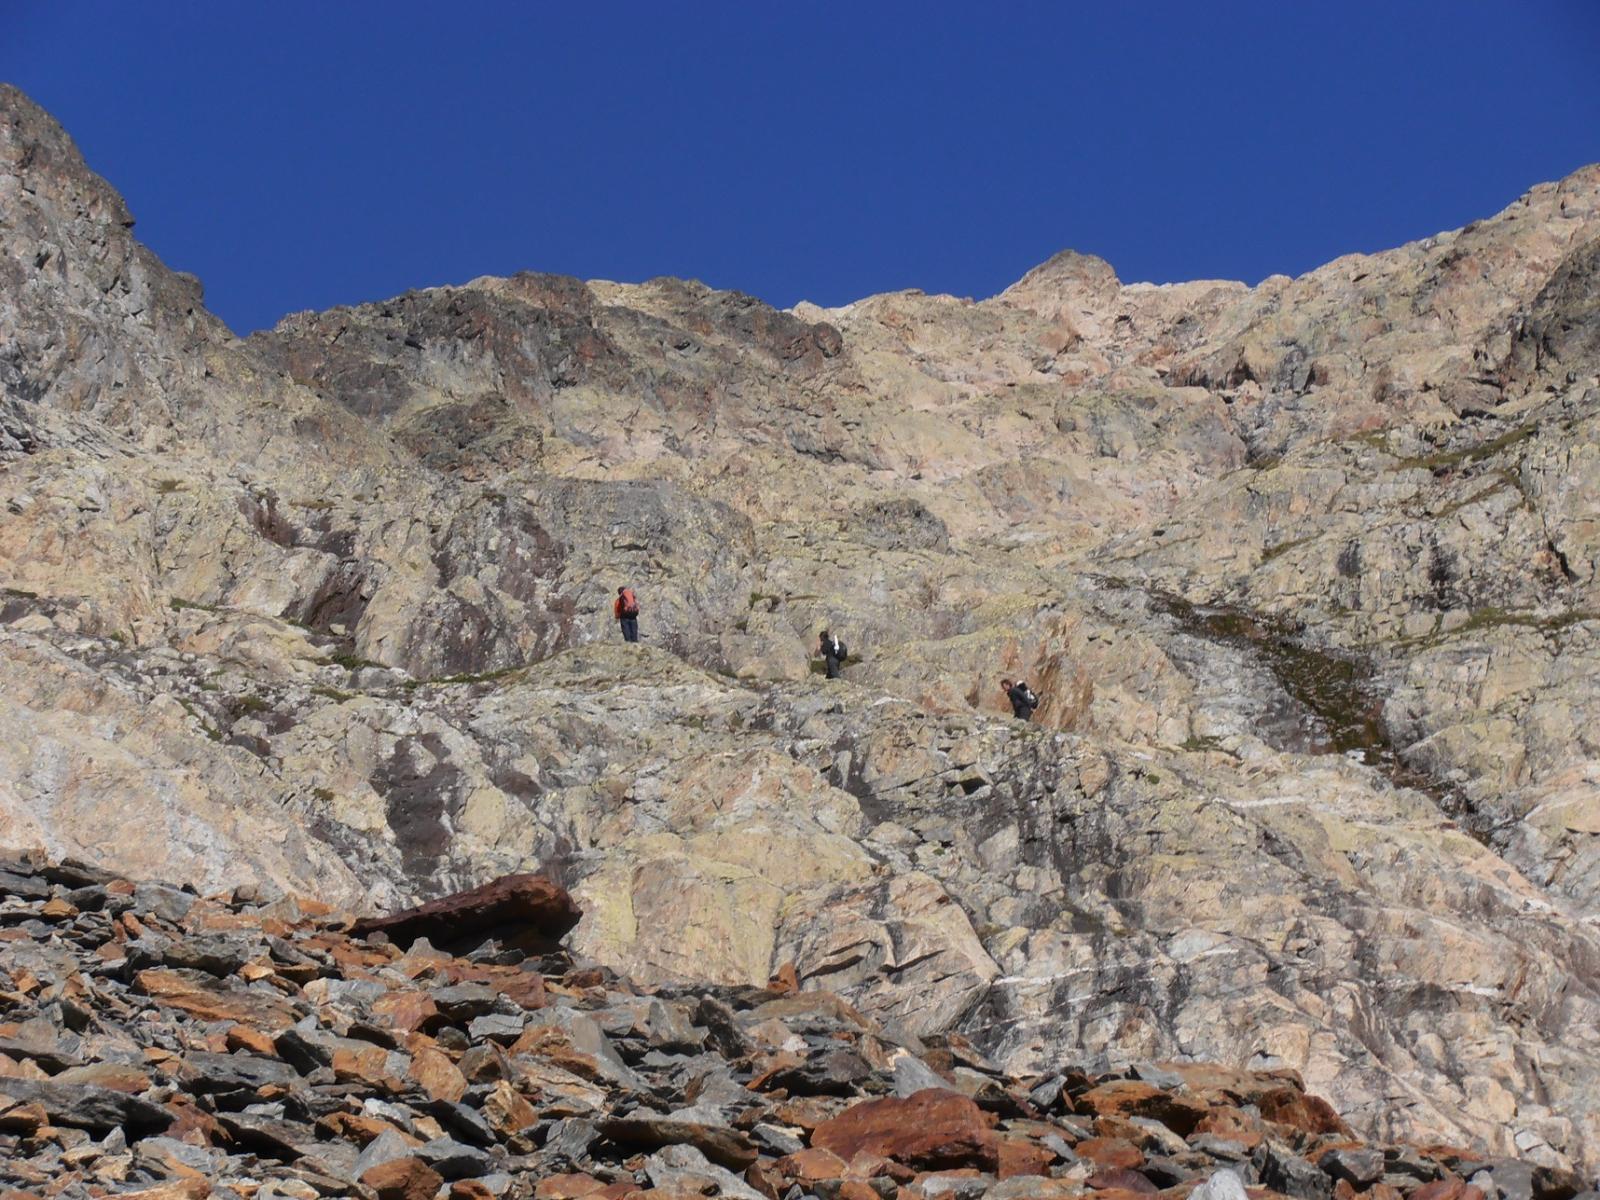 06 - le roccette nella parte alta del vallone